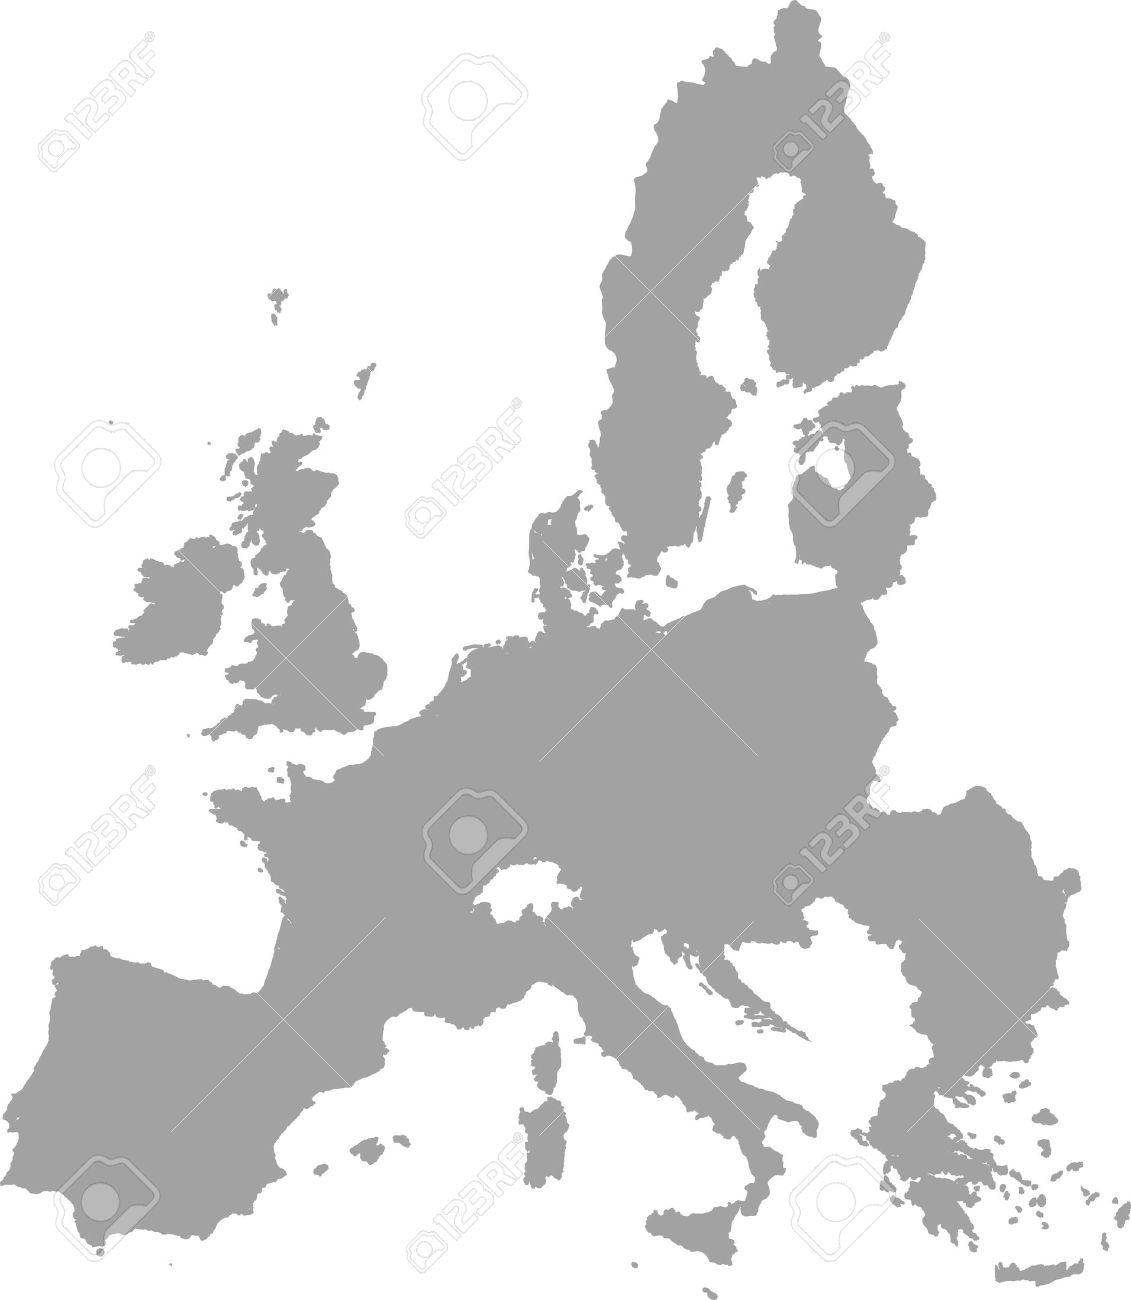 Carte Europe Grise.Vecteur Carte Muette Union Europeenne En Couleur Gris